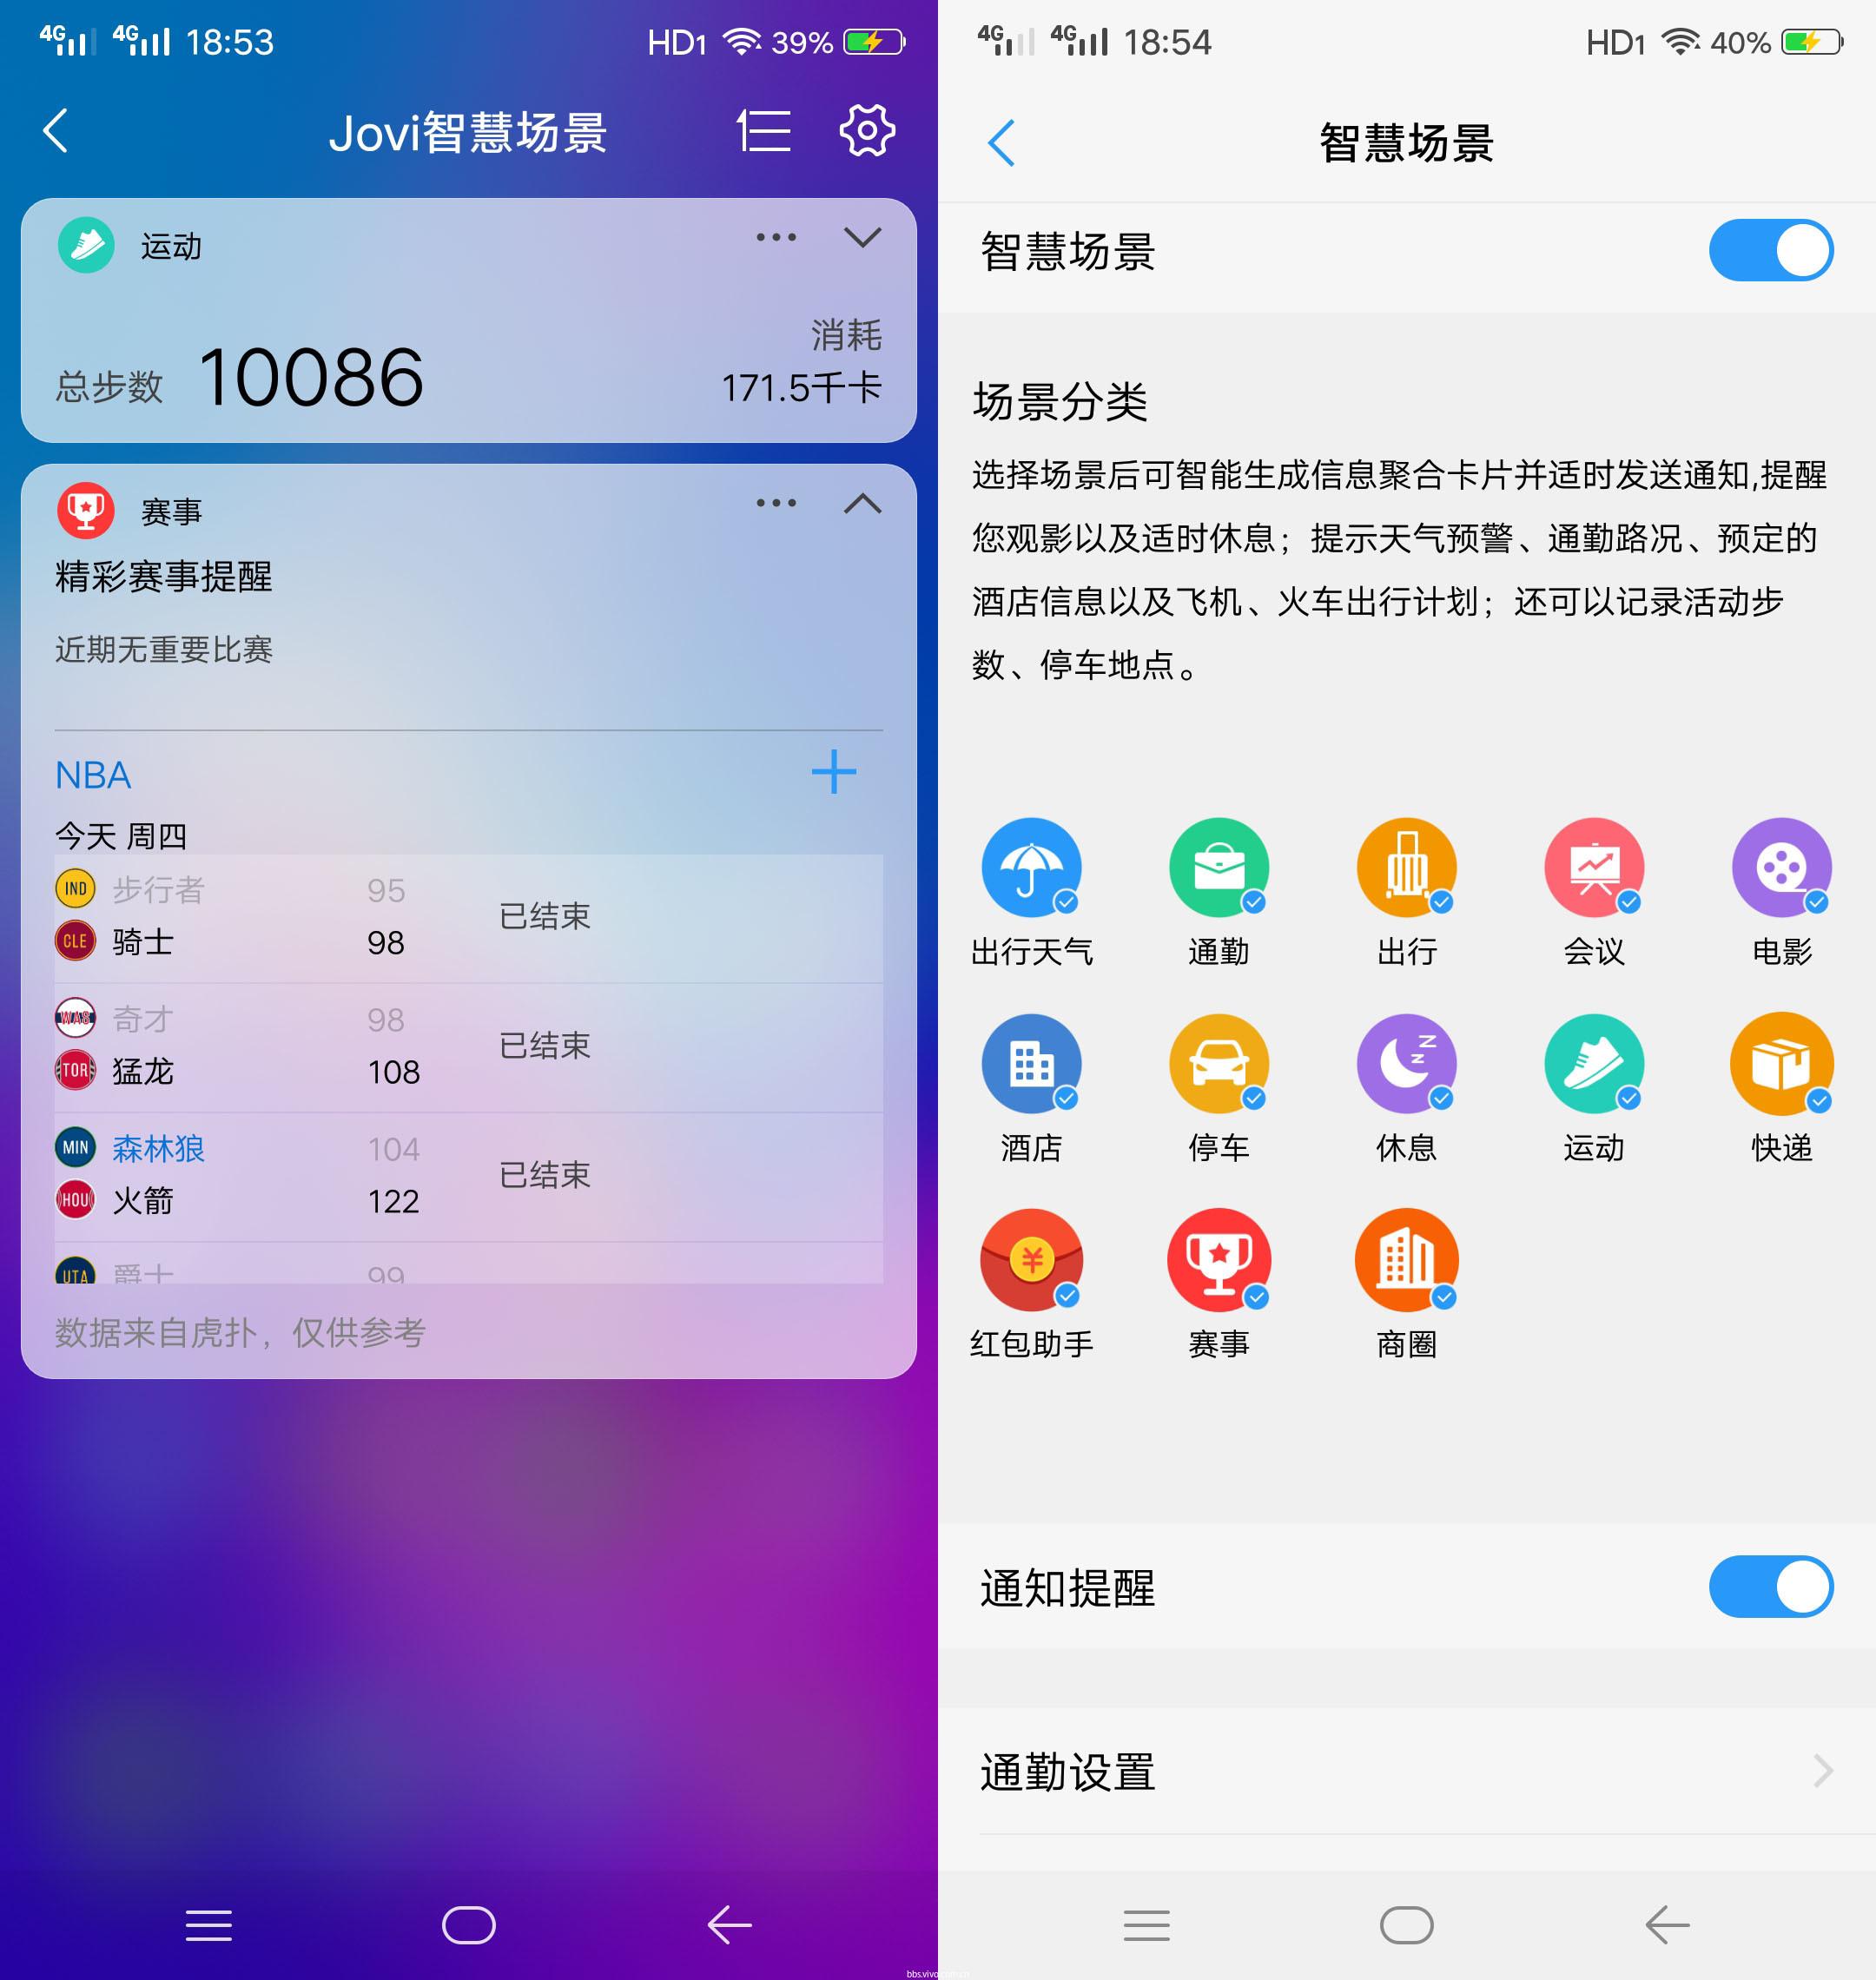 Screenshot_20180426_185358.jpg